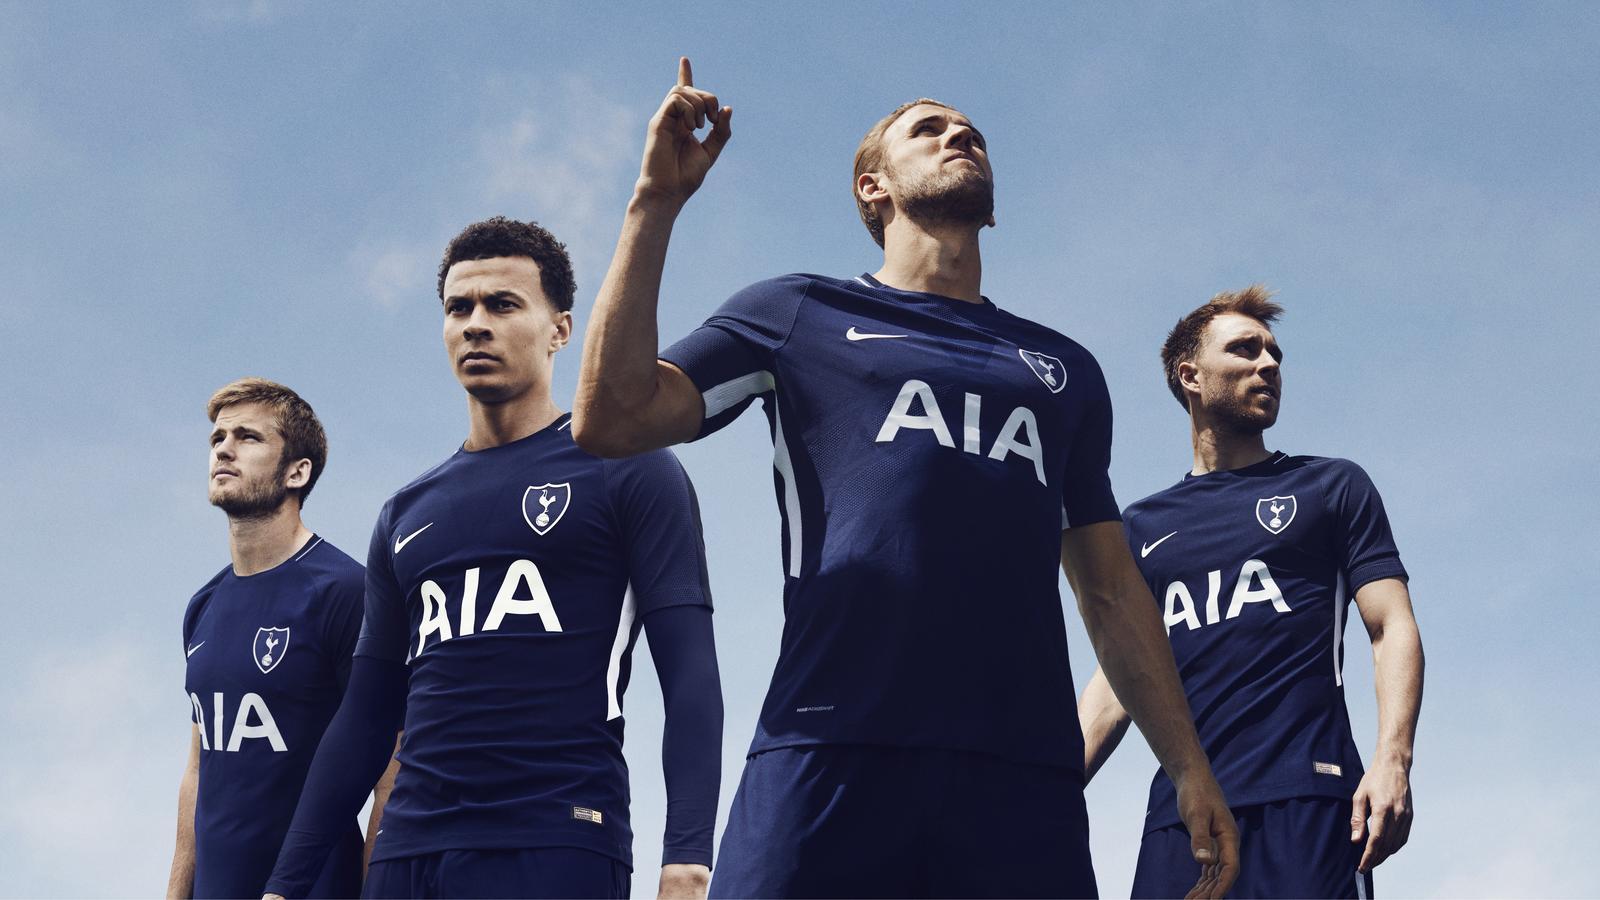 Seconda Maglia Tottenham Hotspur Eric Dier